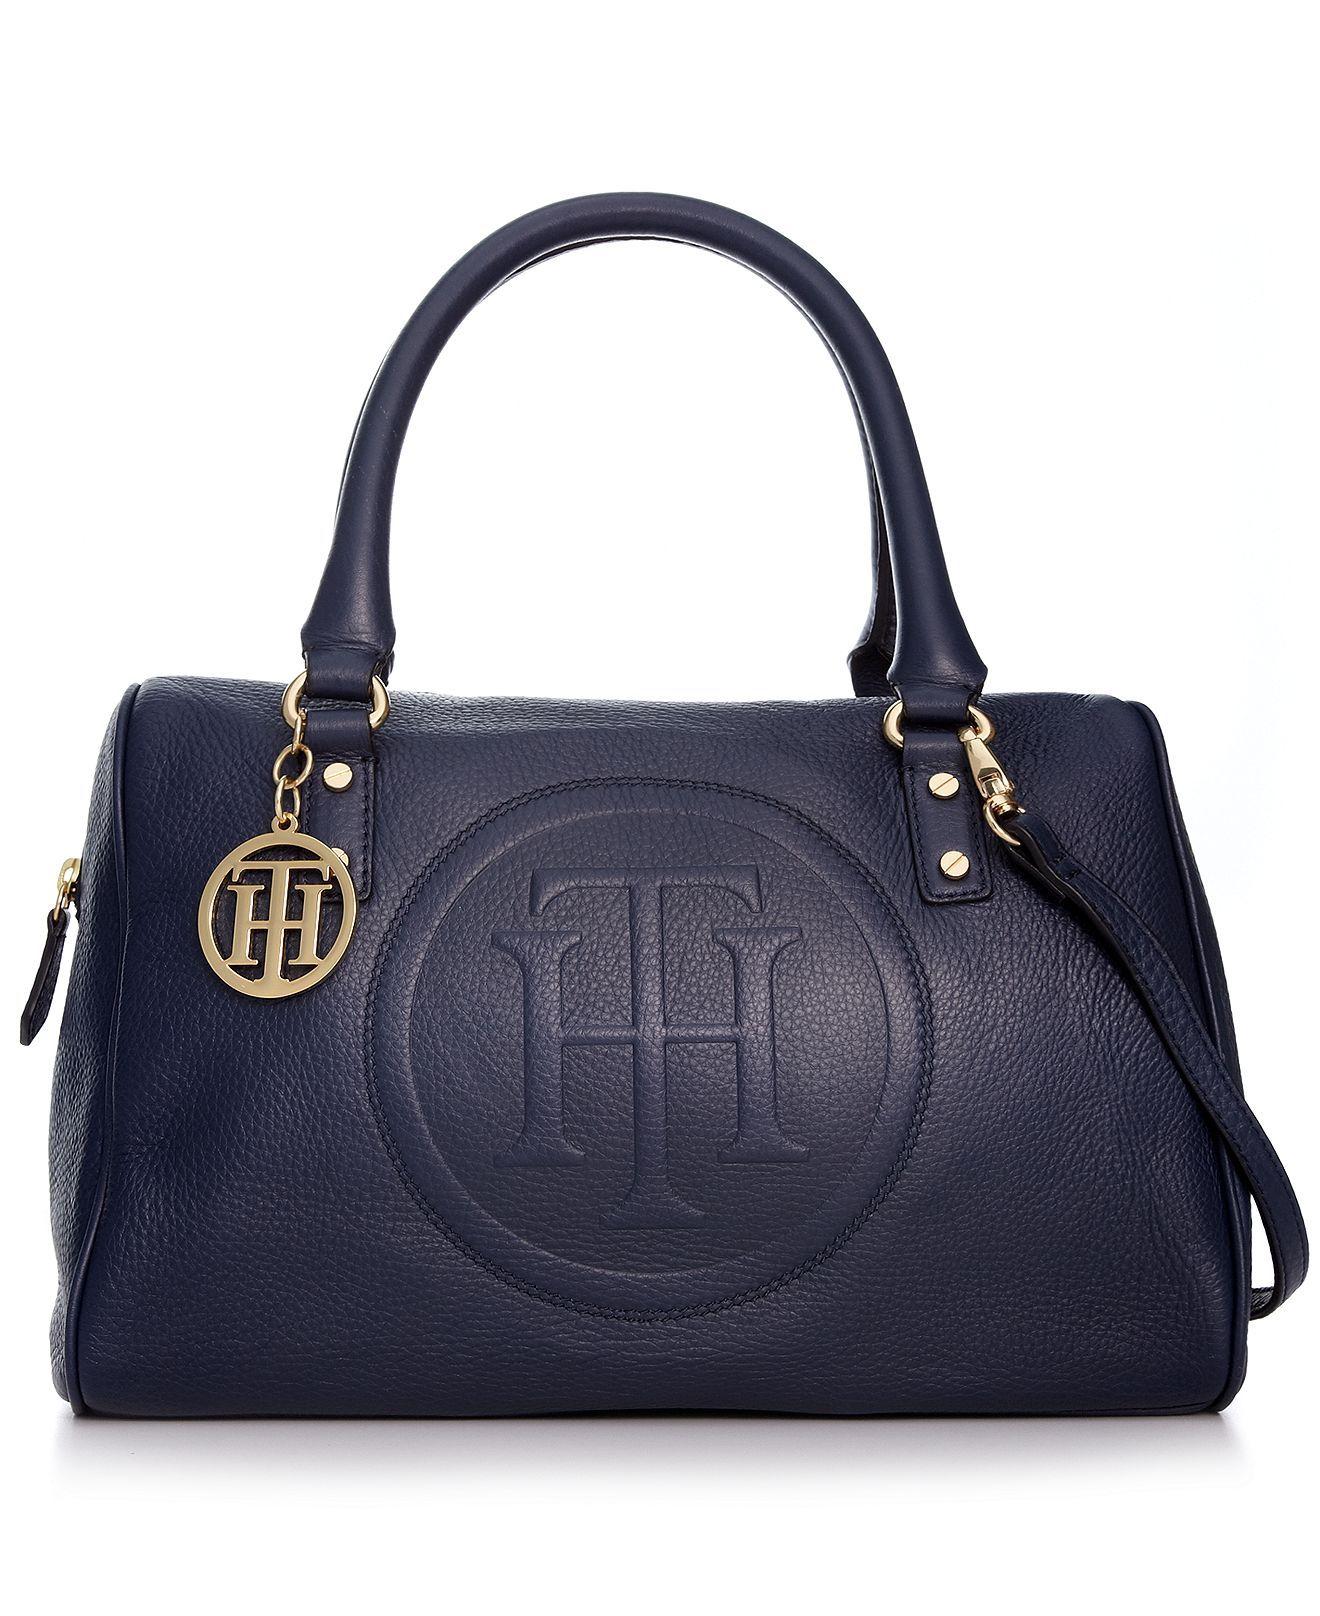 bb2f2c2c84a  198 - Tommy Hilfiger Handbag Tommy Hilfiger Purses, Tommy Hilfiger Outfit,  Marken Outlet,